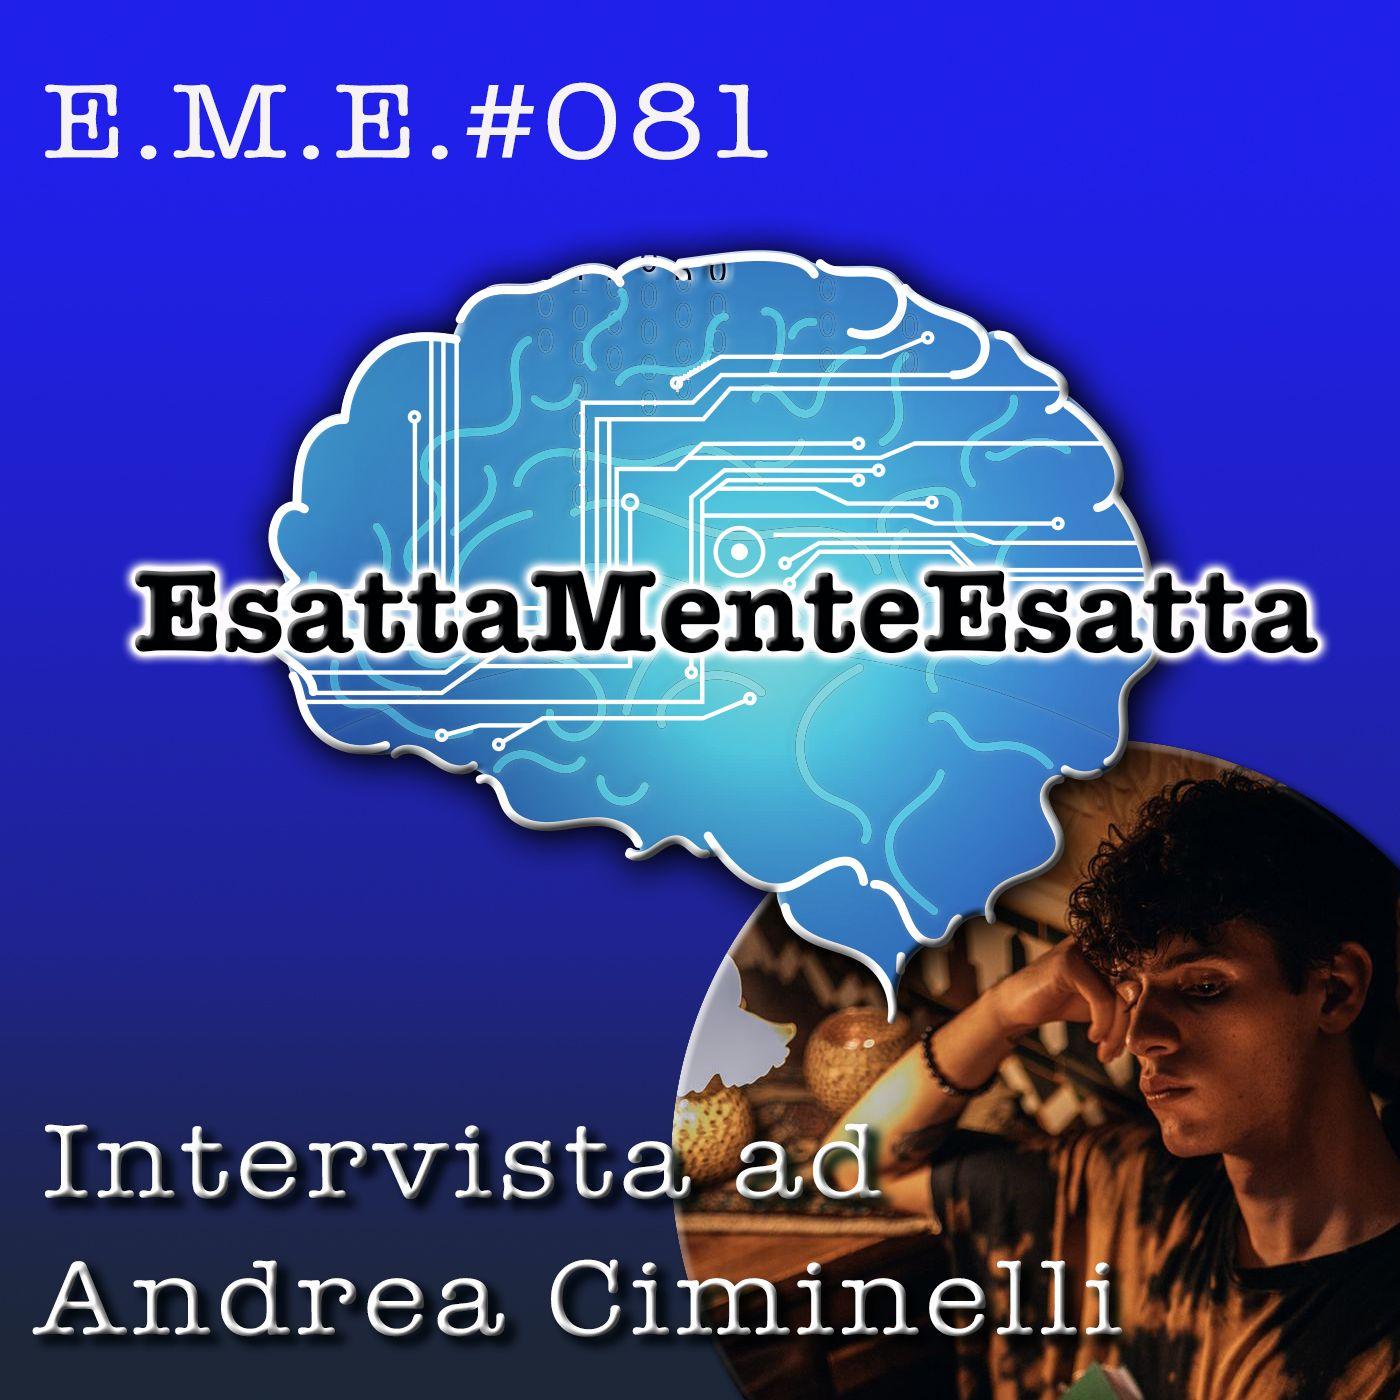 Ipnosi da strada: Intervista ad Andrea Ciminelli #081